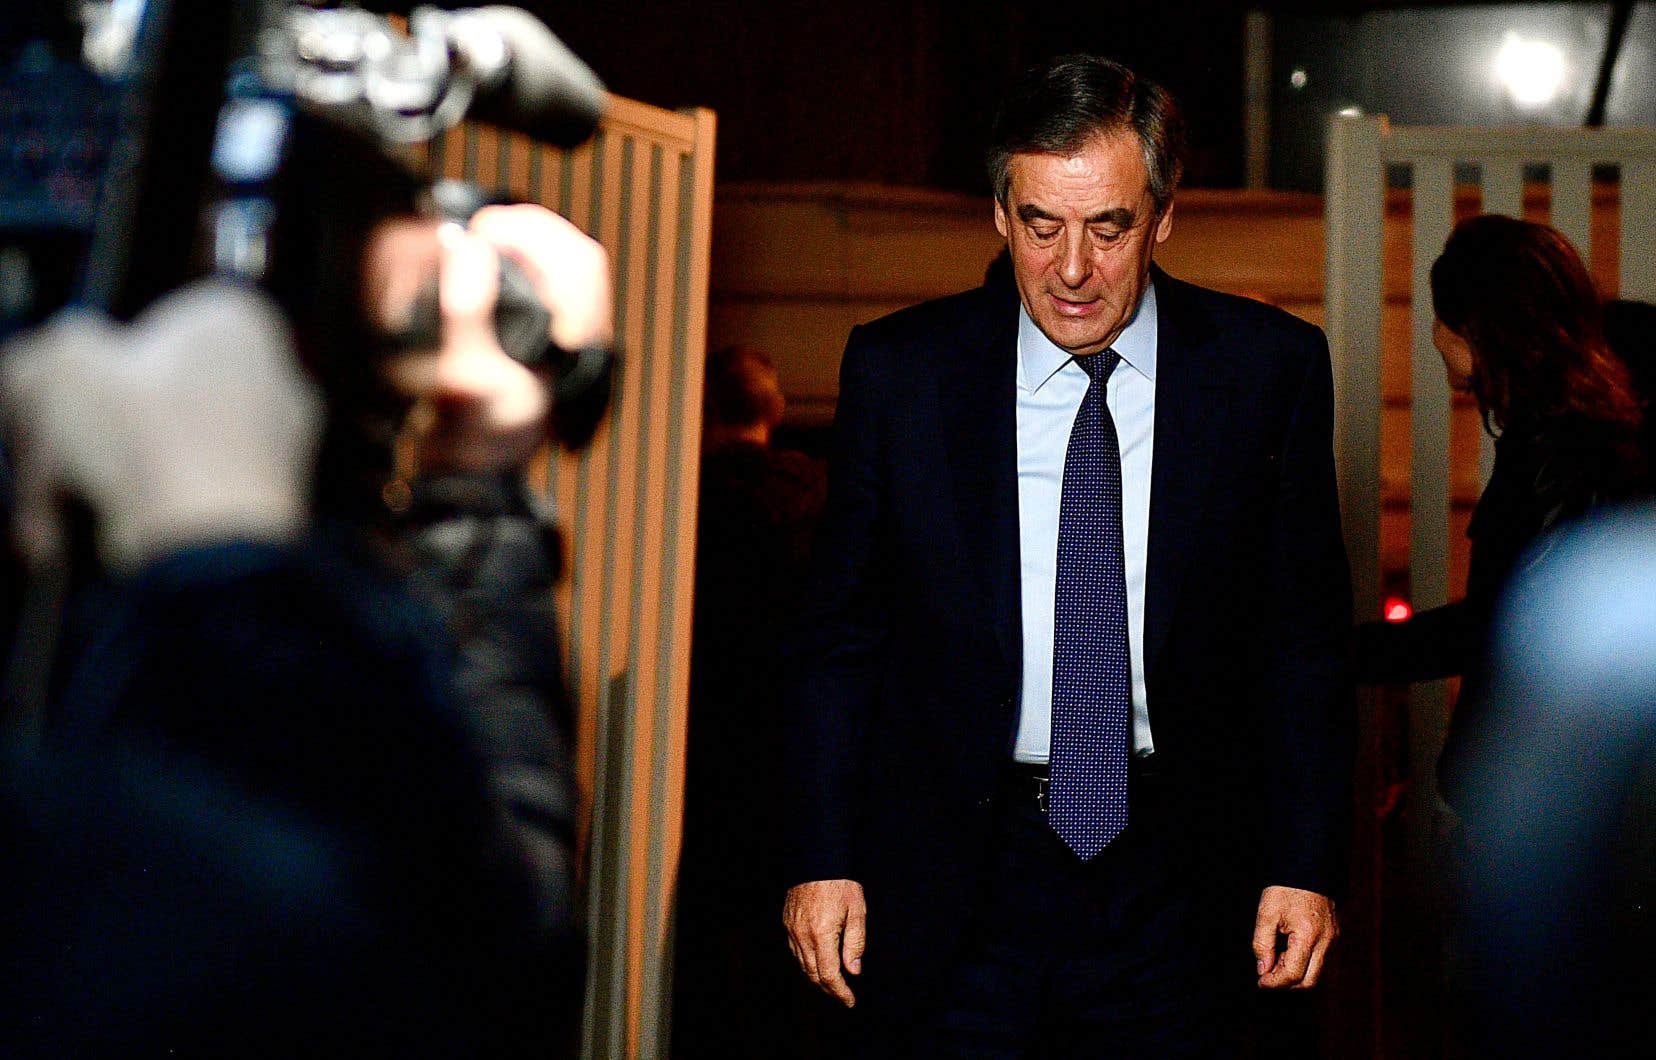 La campagne du candidat de droite à la présidentielle française de 2017 François Fillon avait capoté après le dévoilement d'allégations visant son épouse et lui.